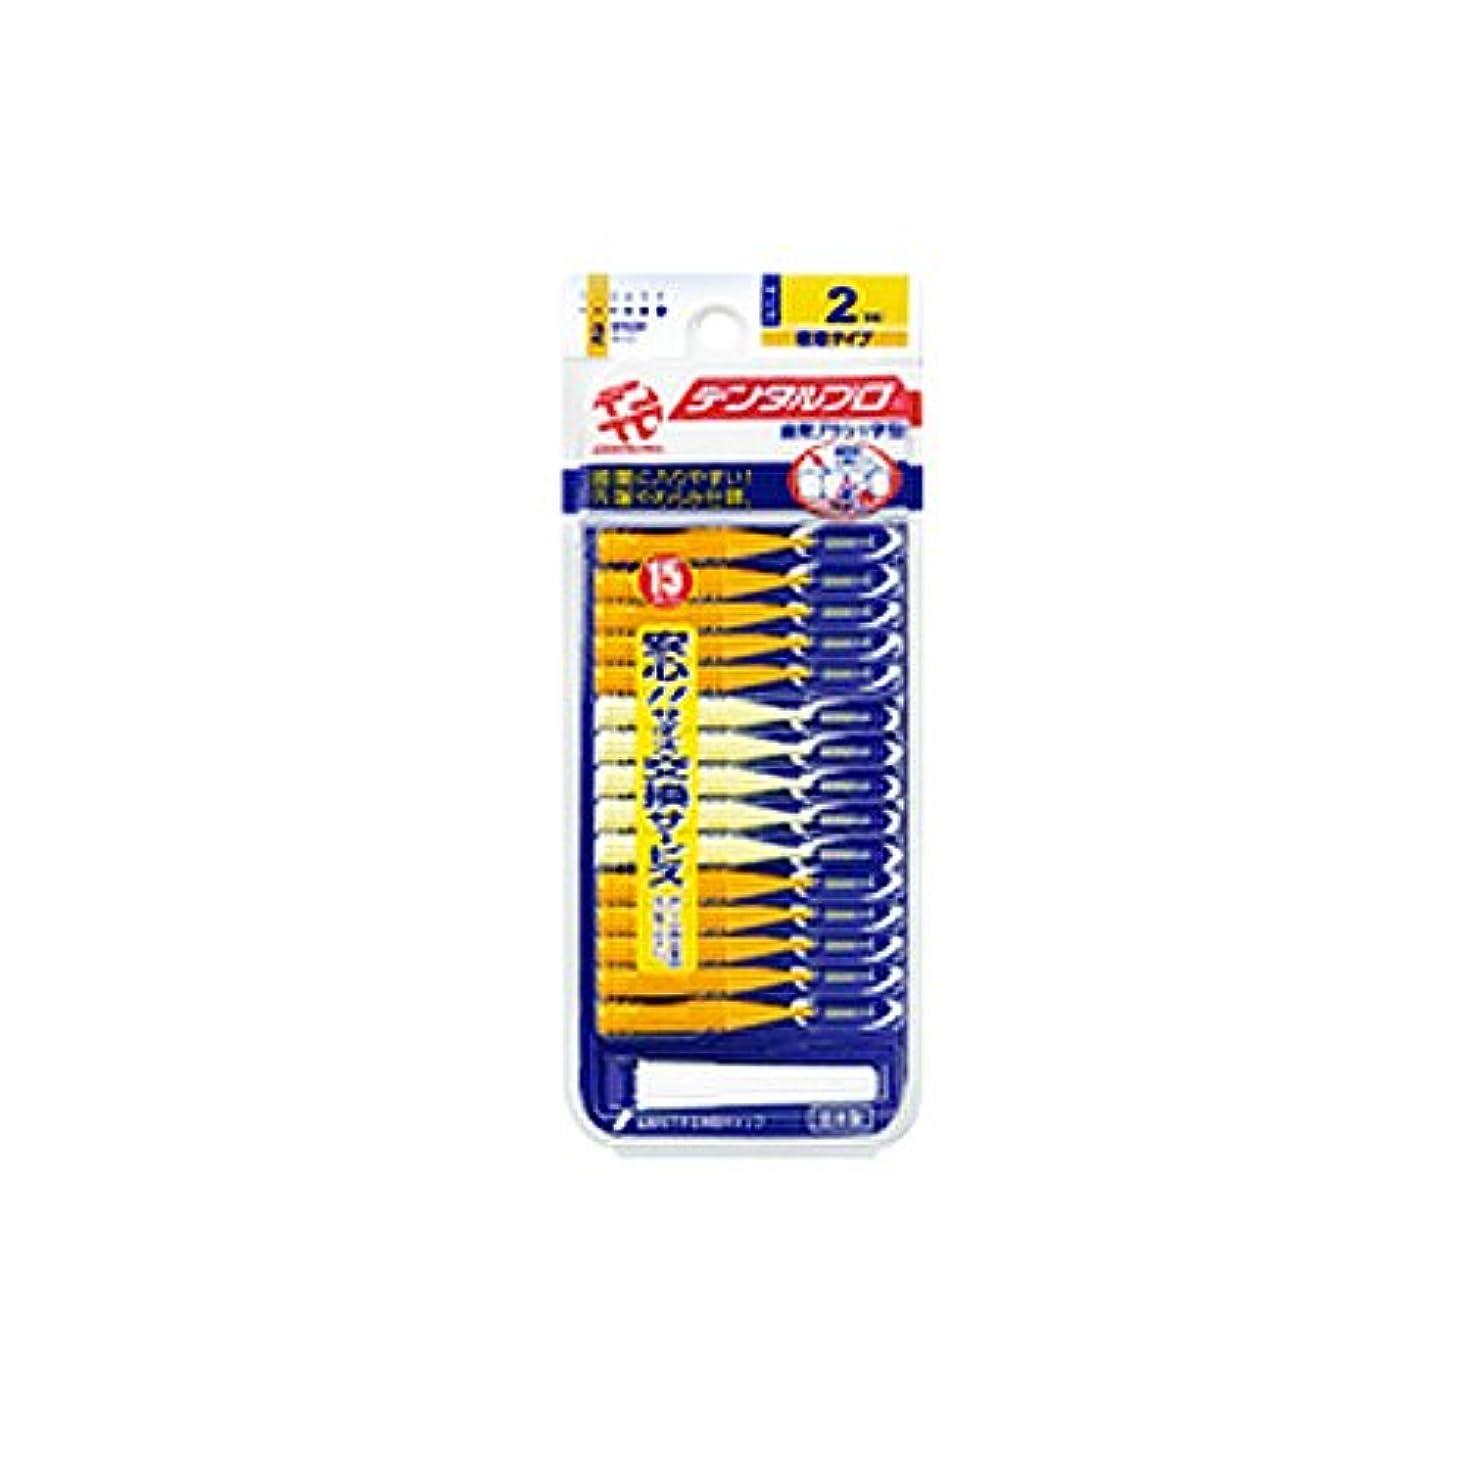 欲求不満モザイク磁石デンタルプロ 歯間ブラシ I字型 15本入り サイズ2(SS)